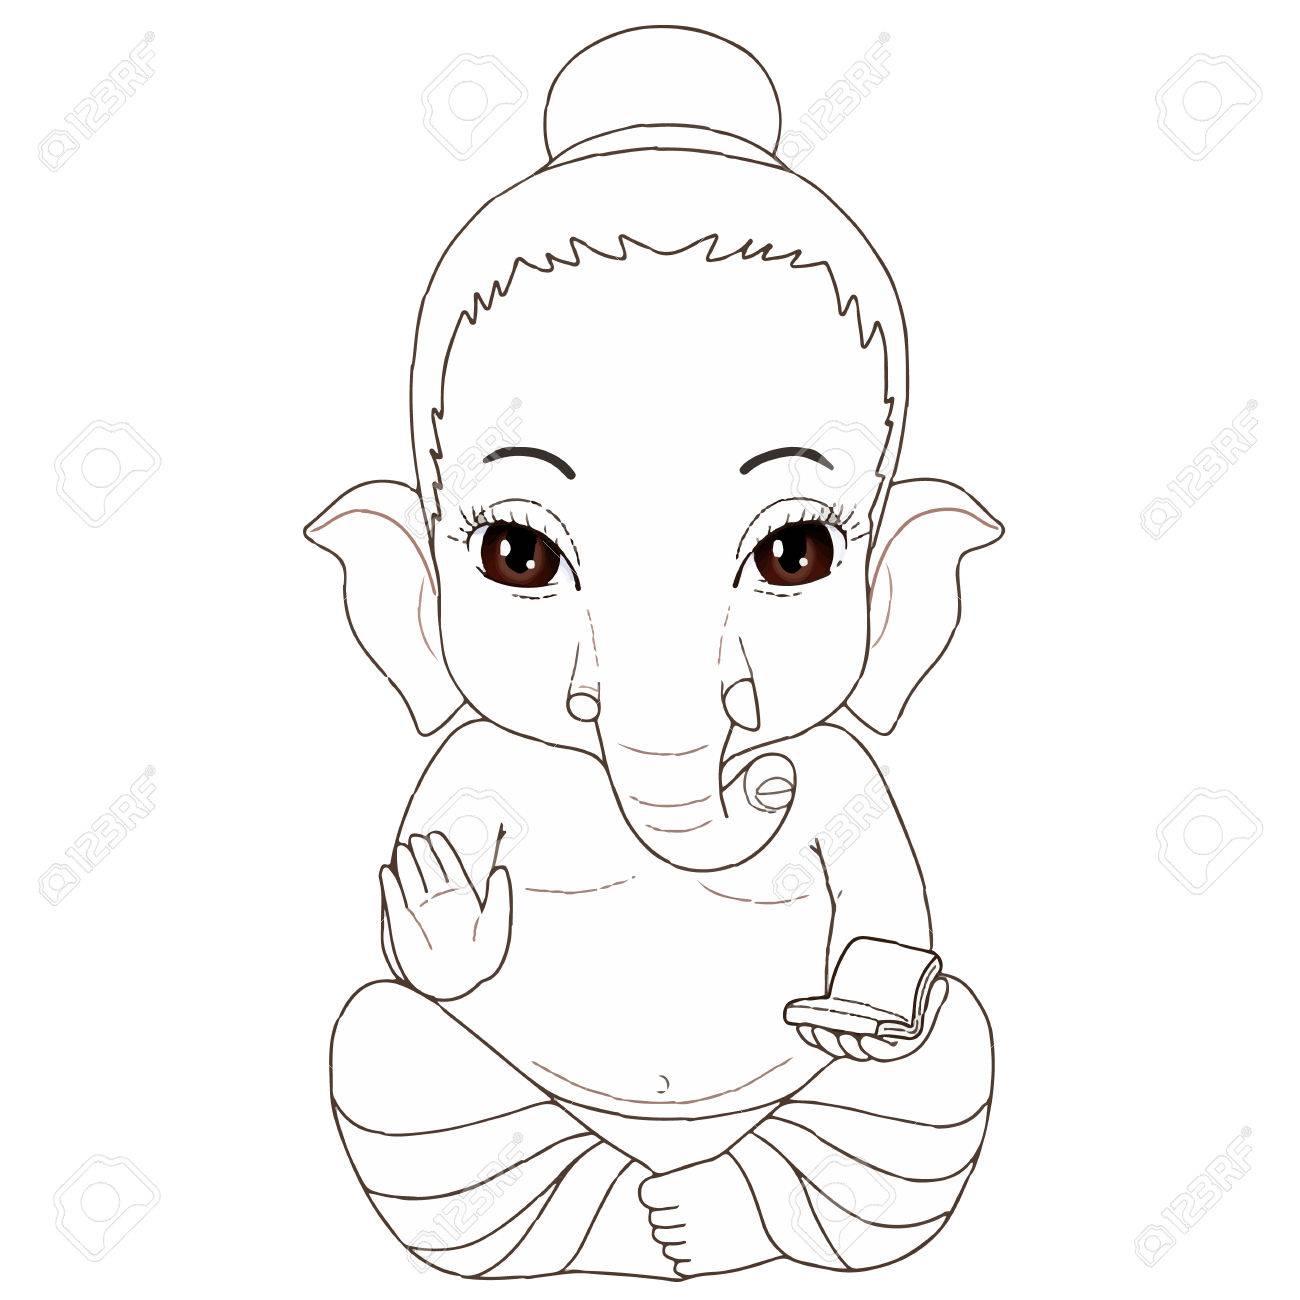 Ganesha Sitting Pose Cartoon Character Royalty Free Cliparts